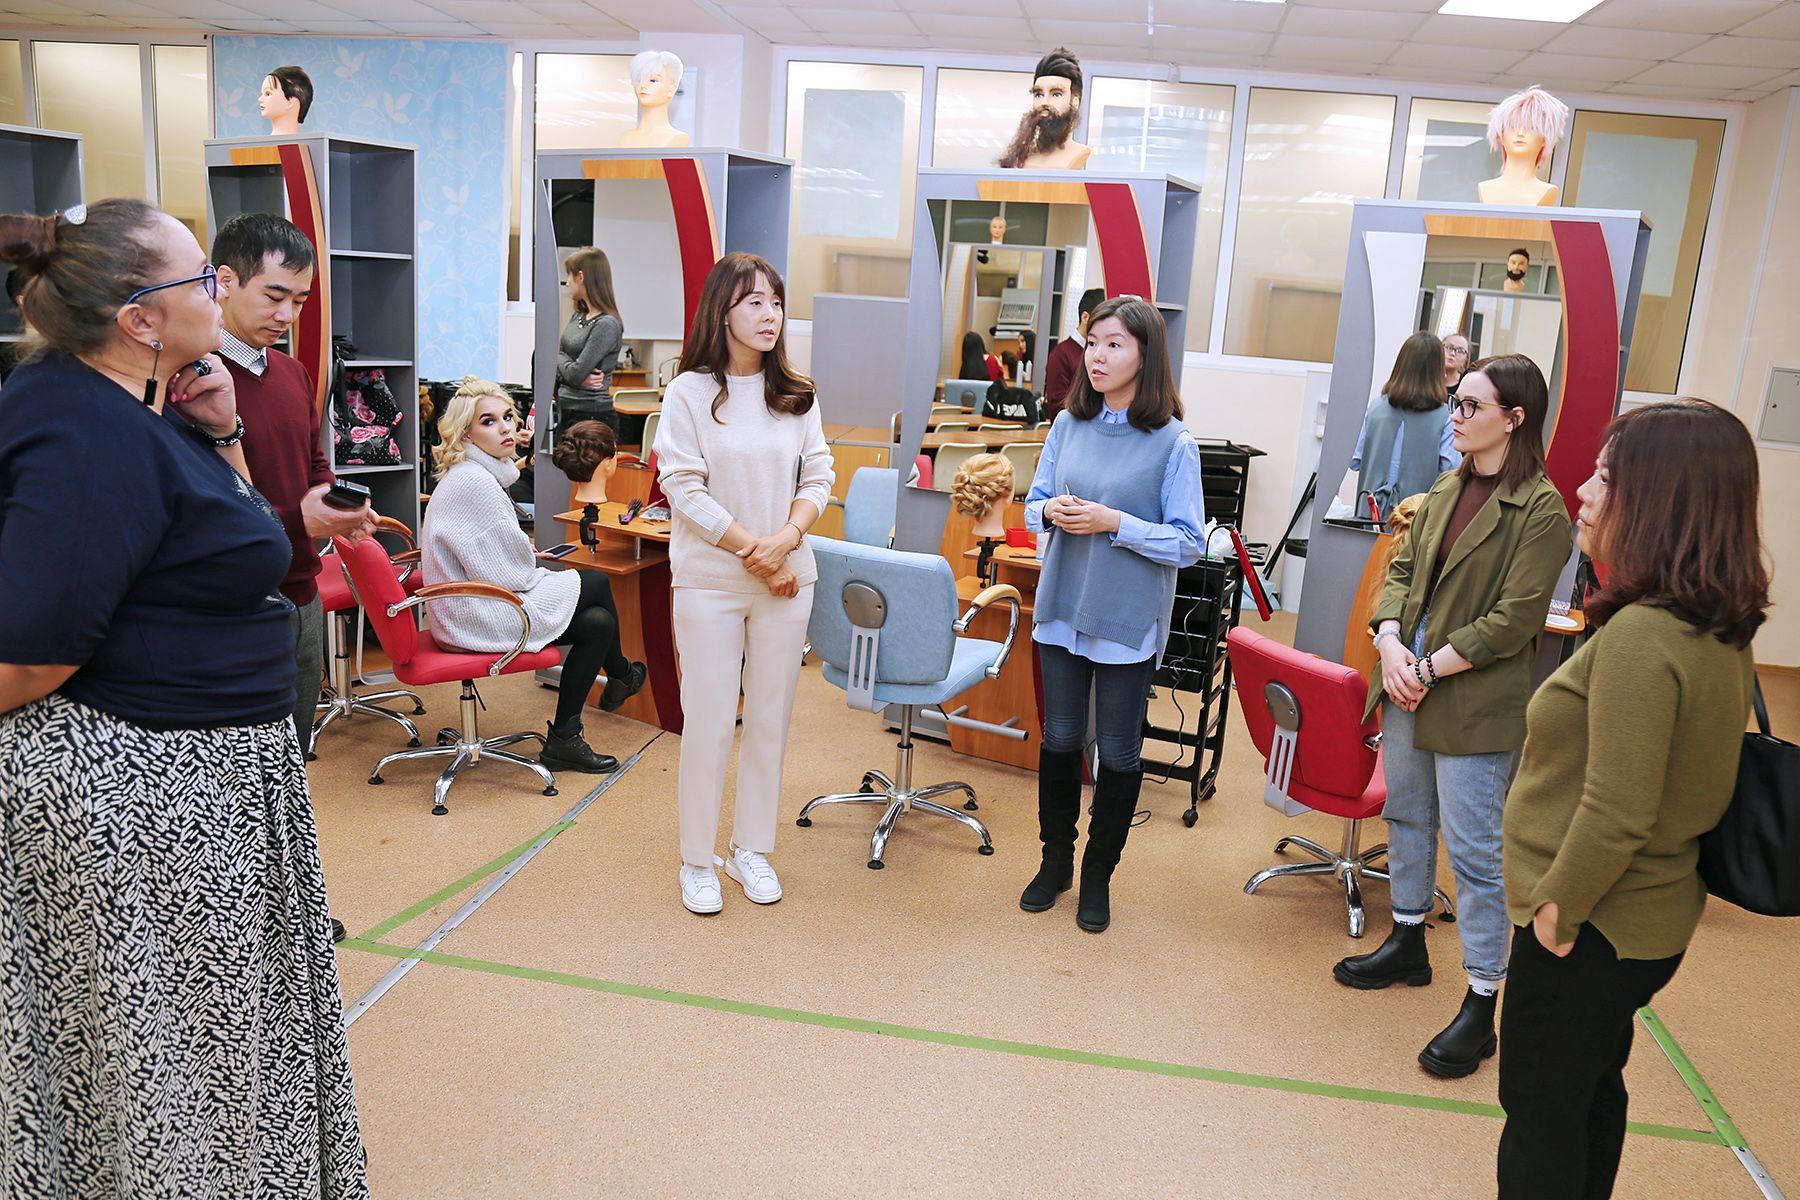 Университет Хосан (Республика Корея) выступил с инициативой налаживания партнерских отношений с Колледжем индустрии моды и красоты ВГУЭС